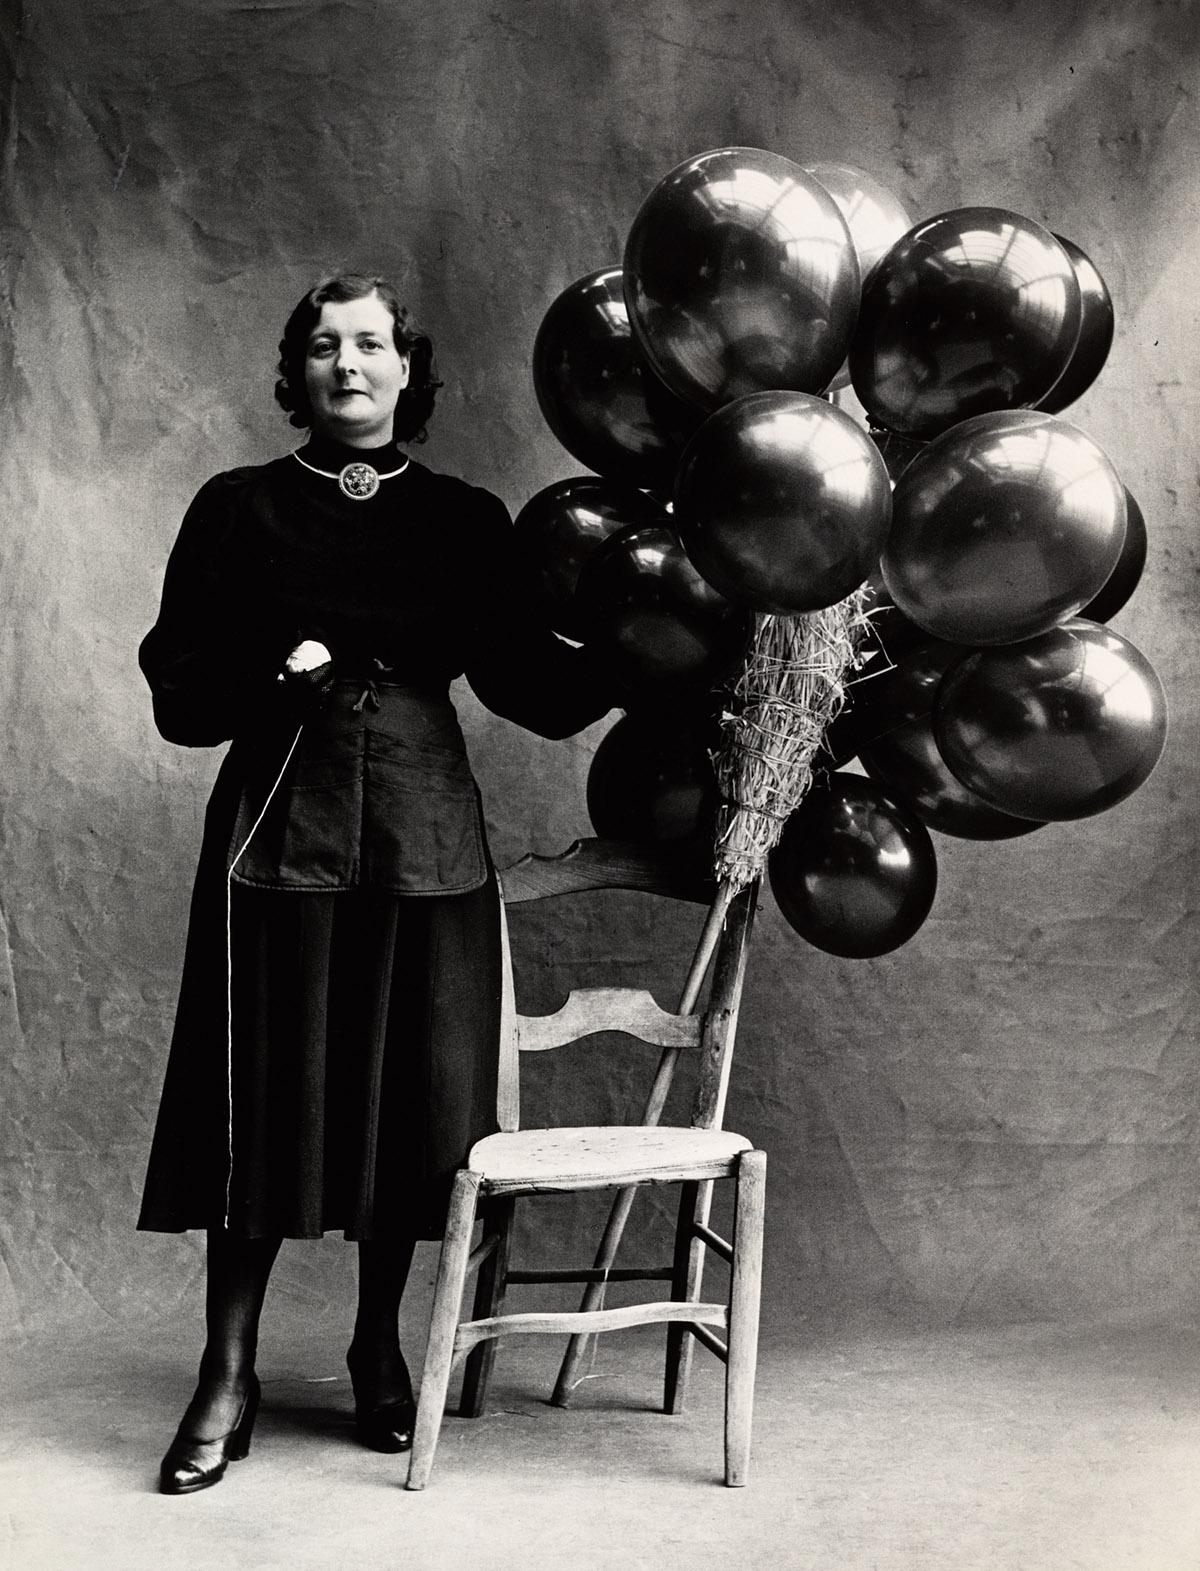 marchande_de_ballons_b_paris_1950_[balloon_sel